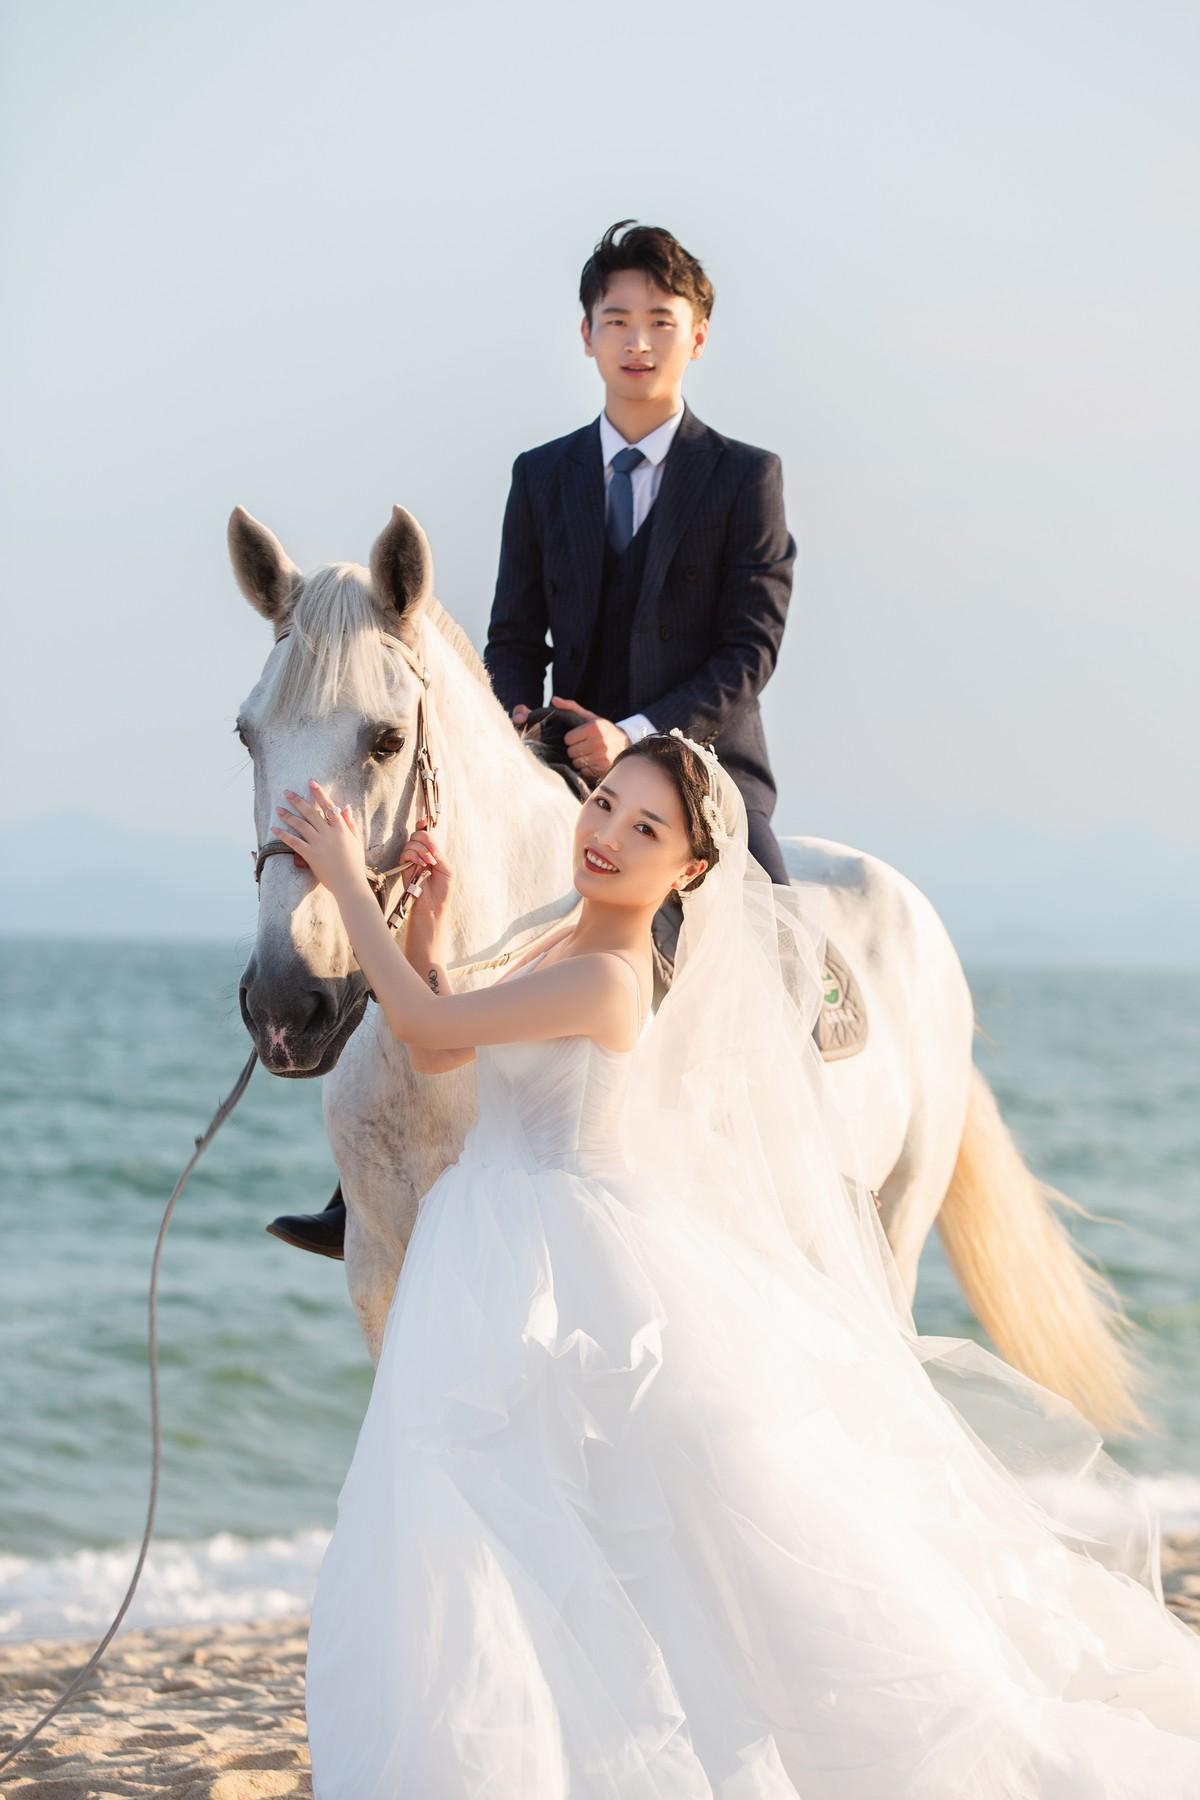 東莞創意海景婚紗照